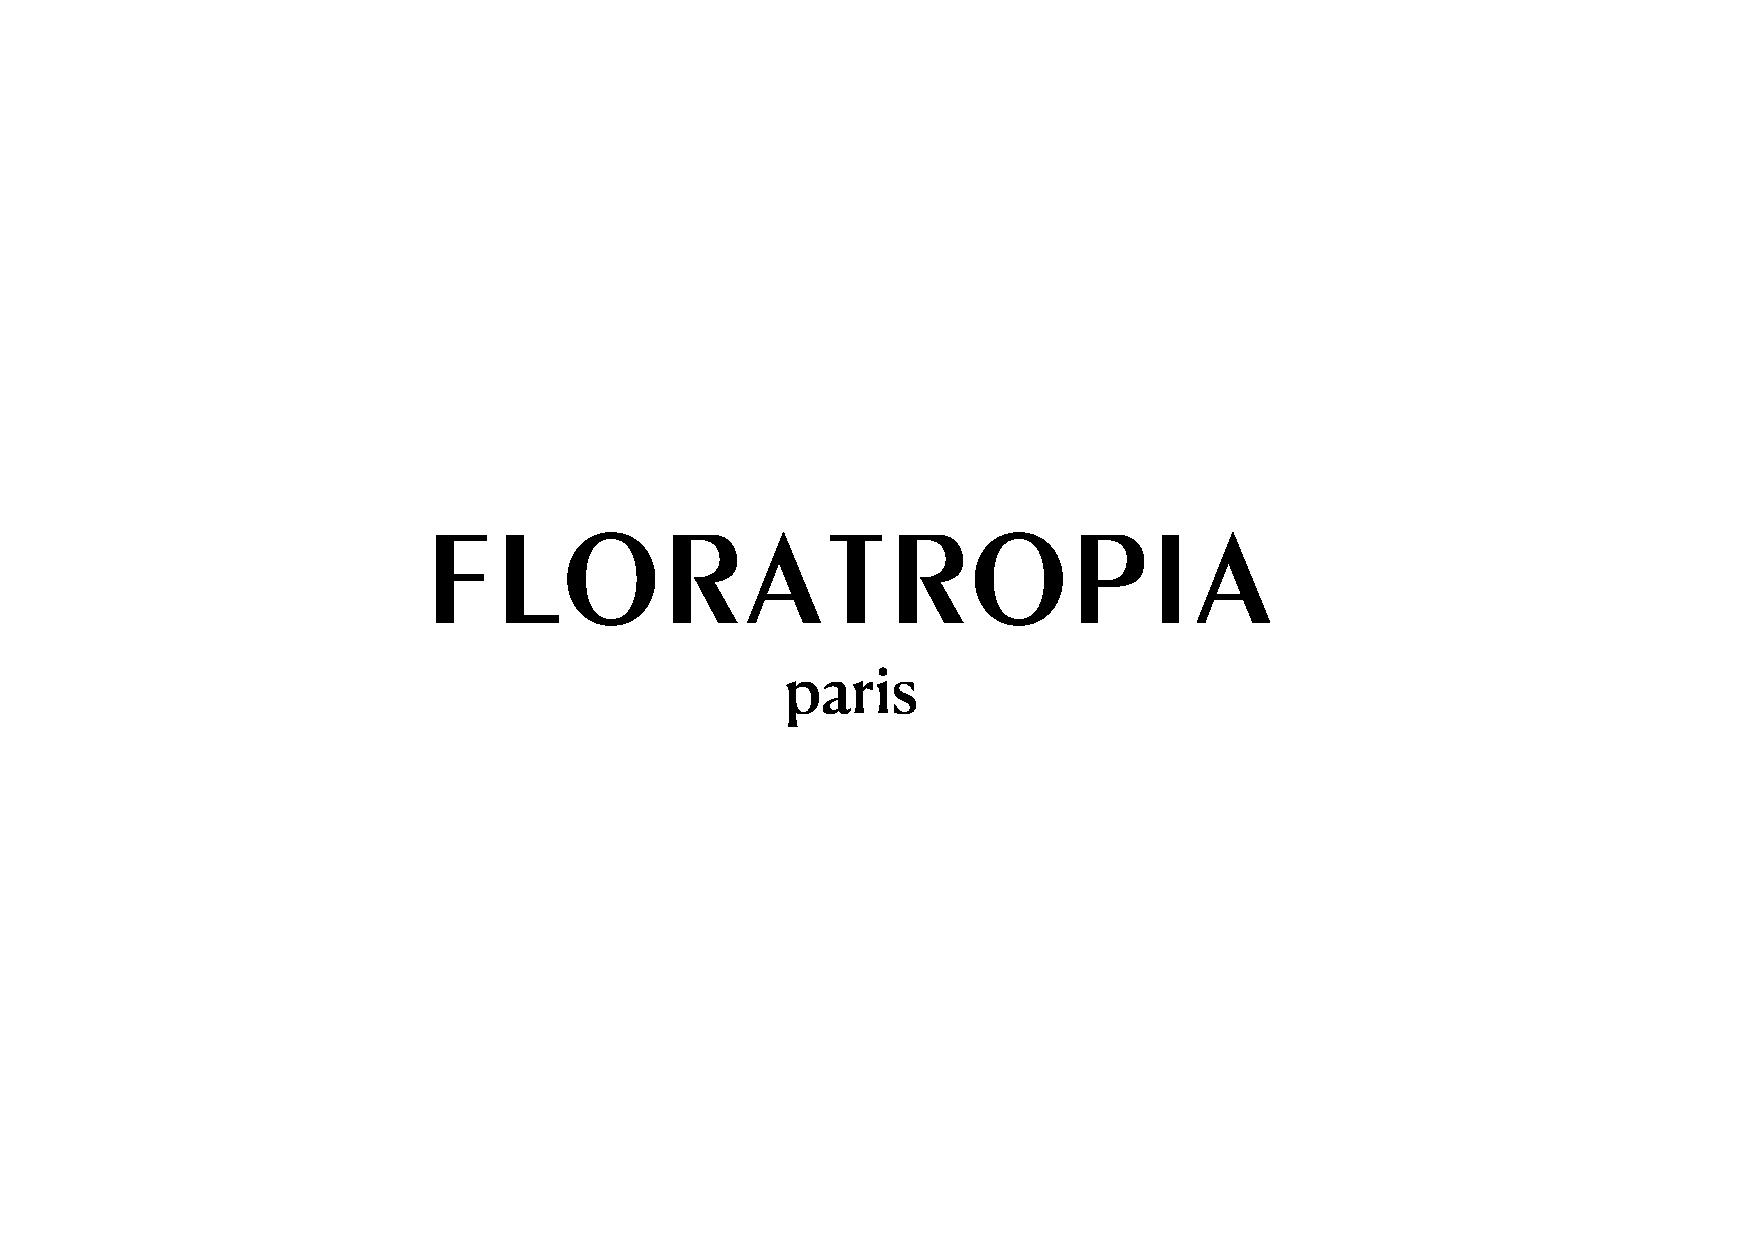 Floratropia *